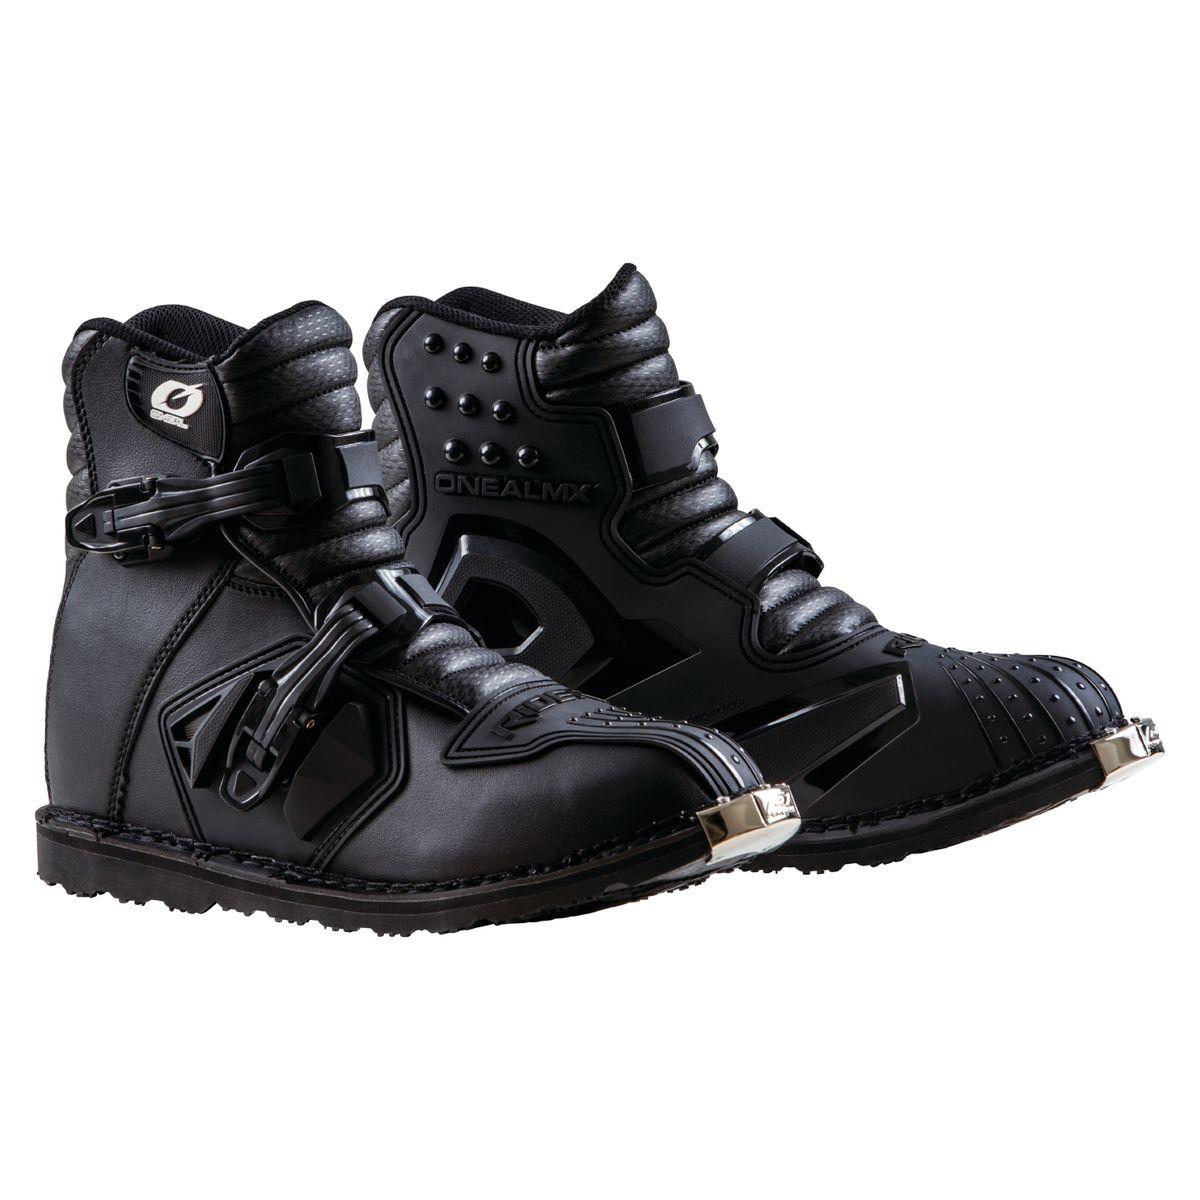 Thor Blitz XP Solid Mens MX Offroad Boots Black